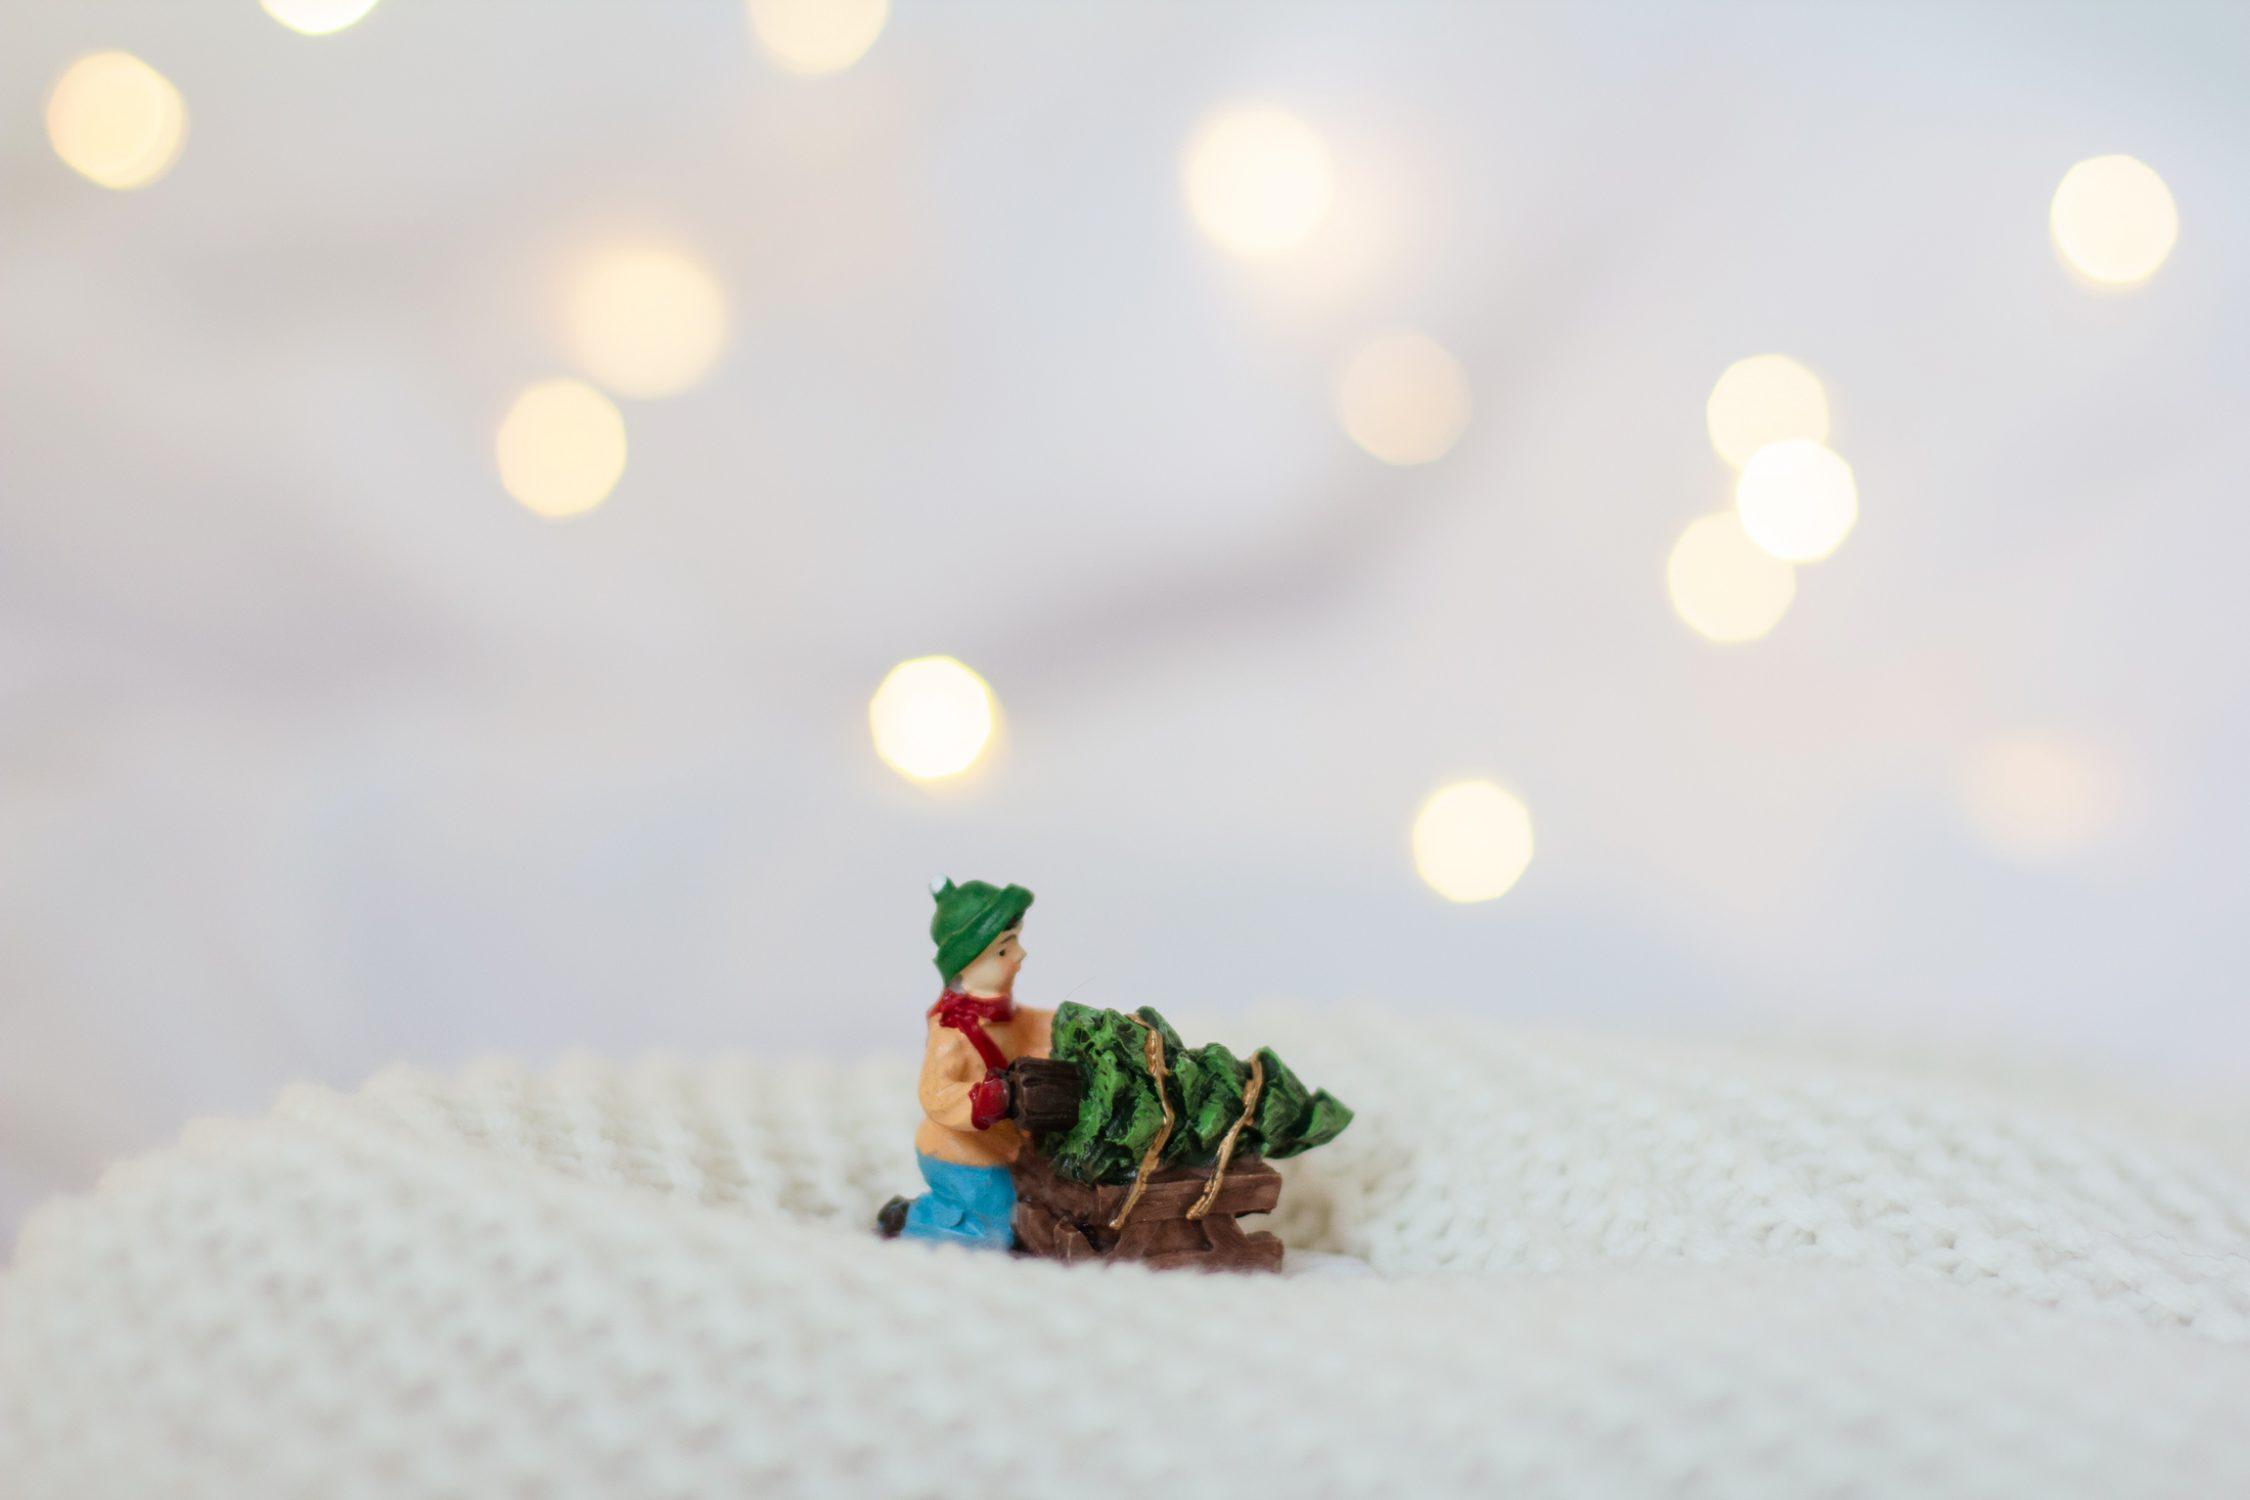 Jak robić klimatyczne zdjęcia świąteczne? Poradnik dla początkujących